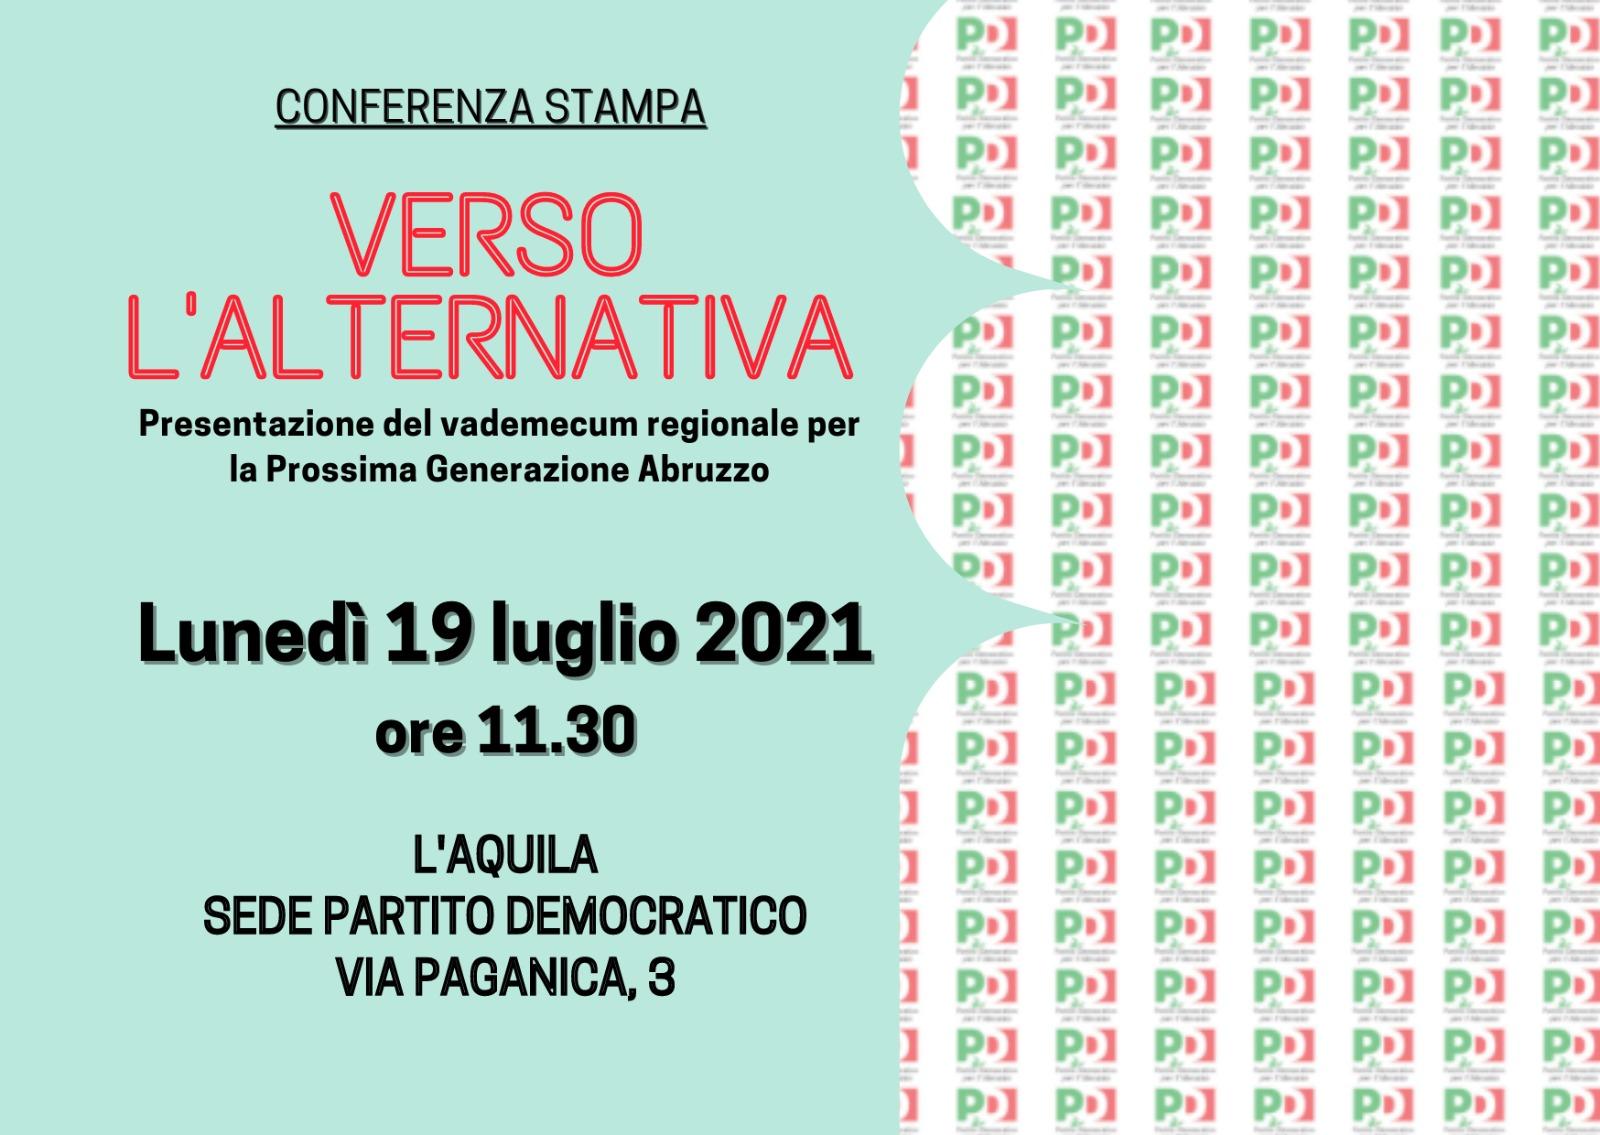 Verso l'alternativa: il 19 luglio all'Aquila la conferenza stampa del PD Abruzzo